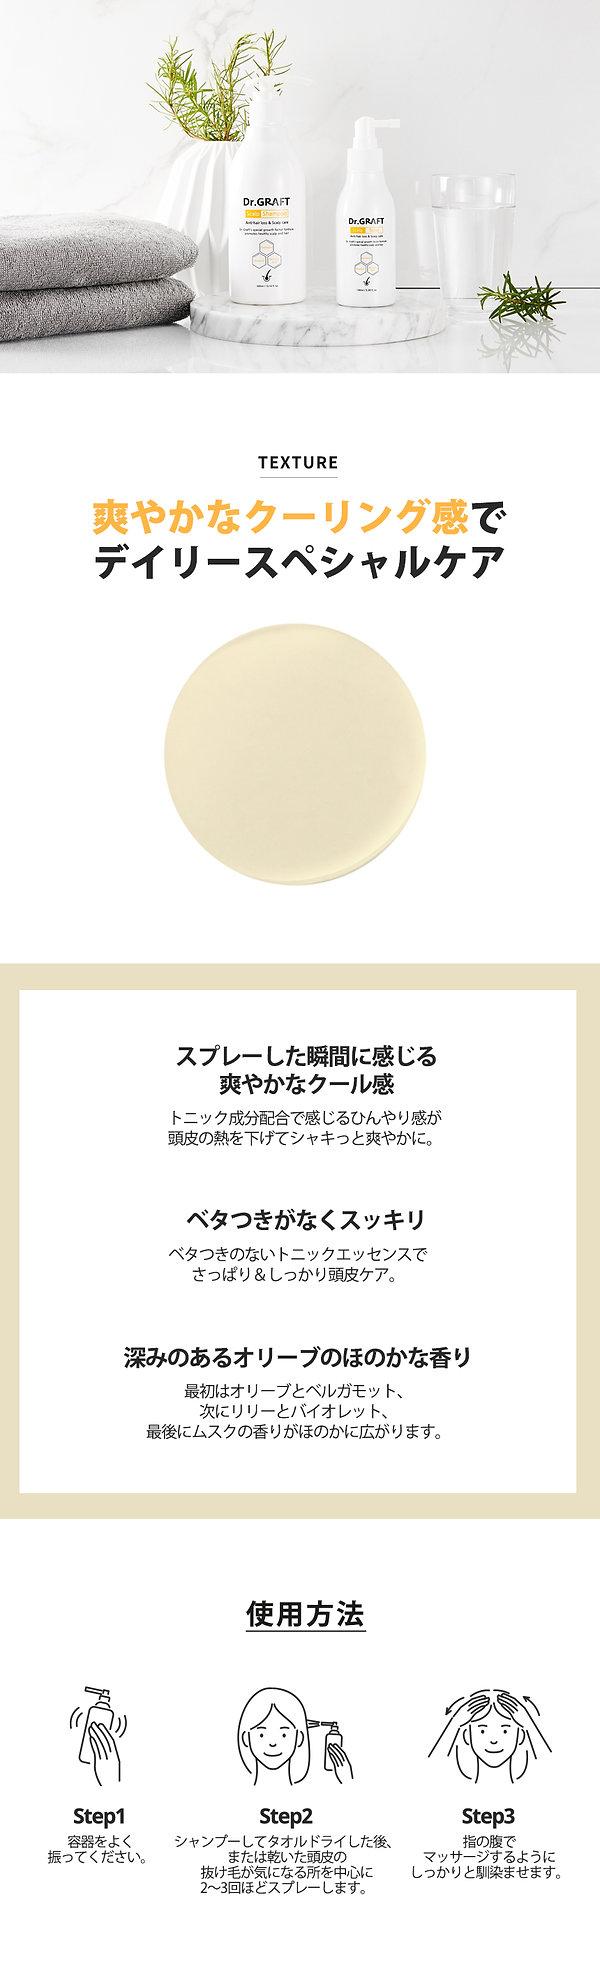 05_jp_scalp tonic修正.jpg